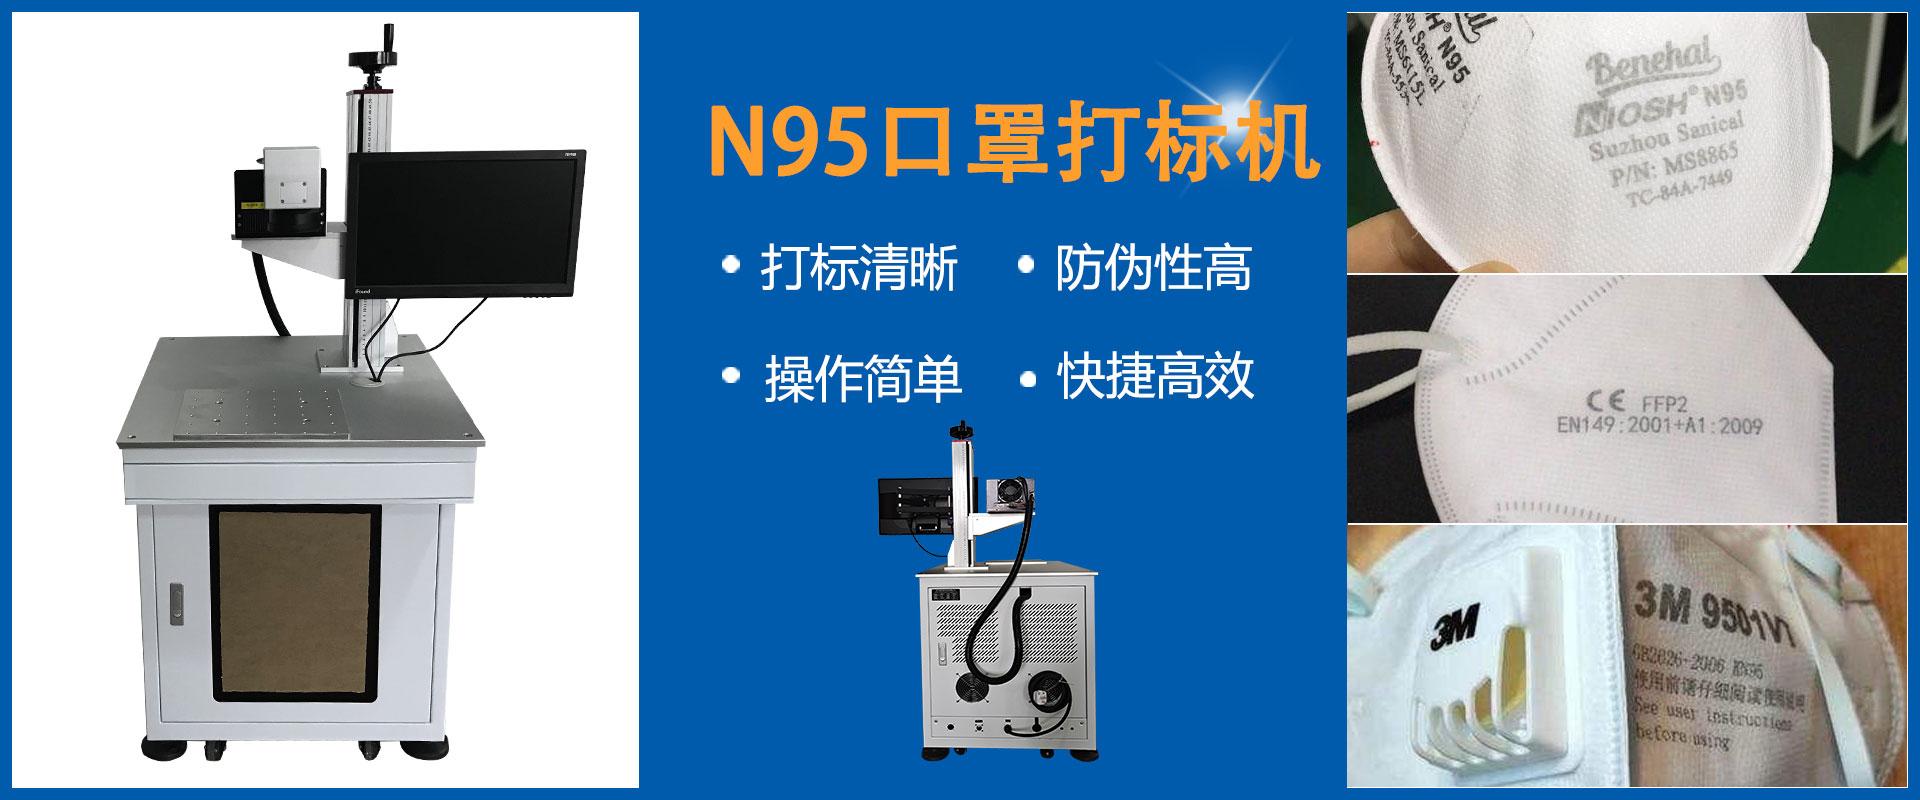 N95口罩打标机